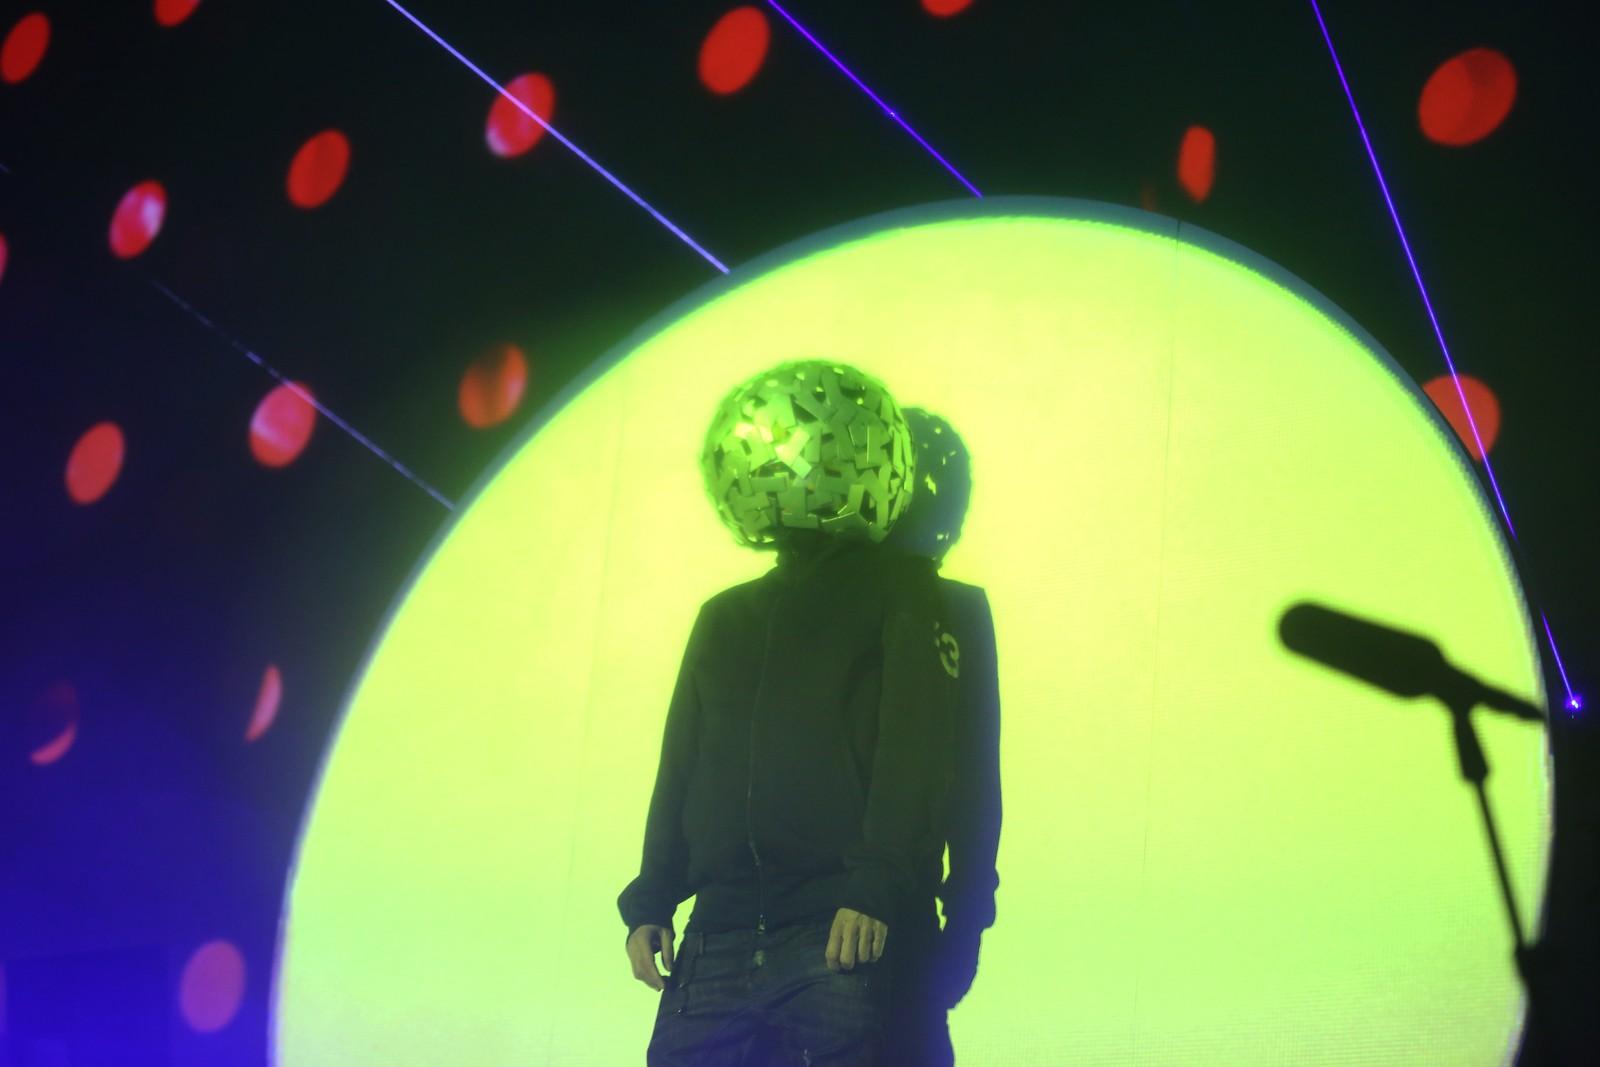 Chris Lowe i Pet Shop Boys. Han tok av seg diskokulen til slutt.